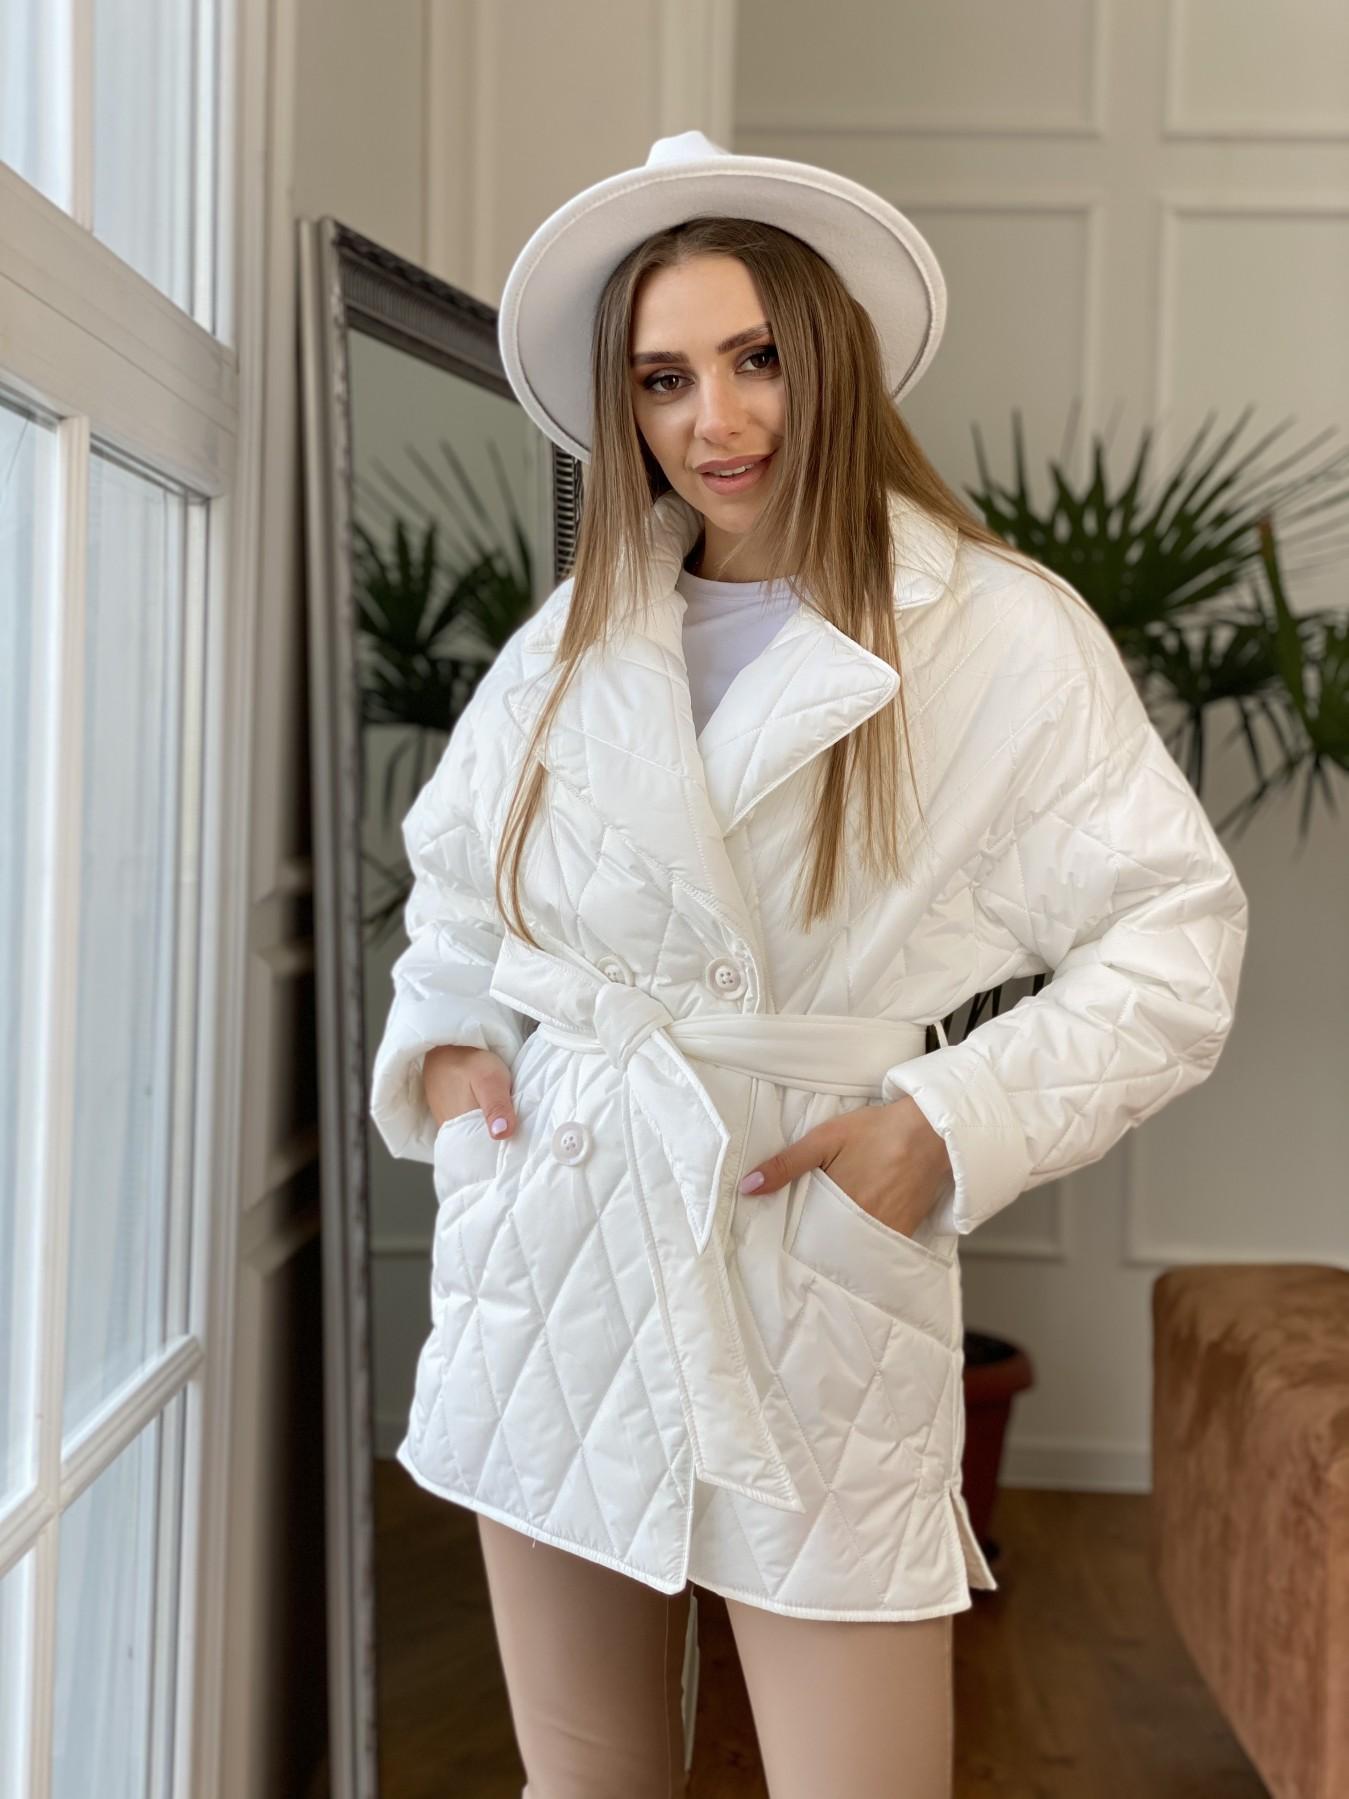 Норд куртка из плащевой ткани стеганая 10883 АРТ. 47423 Цвет: Молоко - фото 3, интернет магазин tm-modus.ru